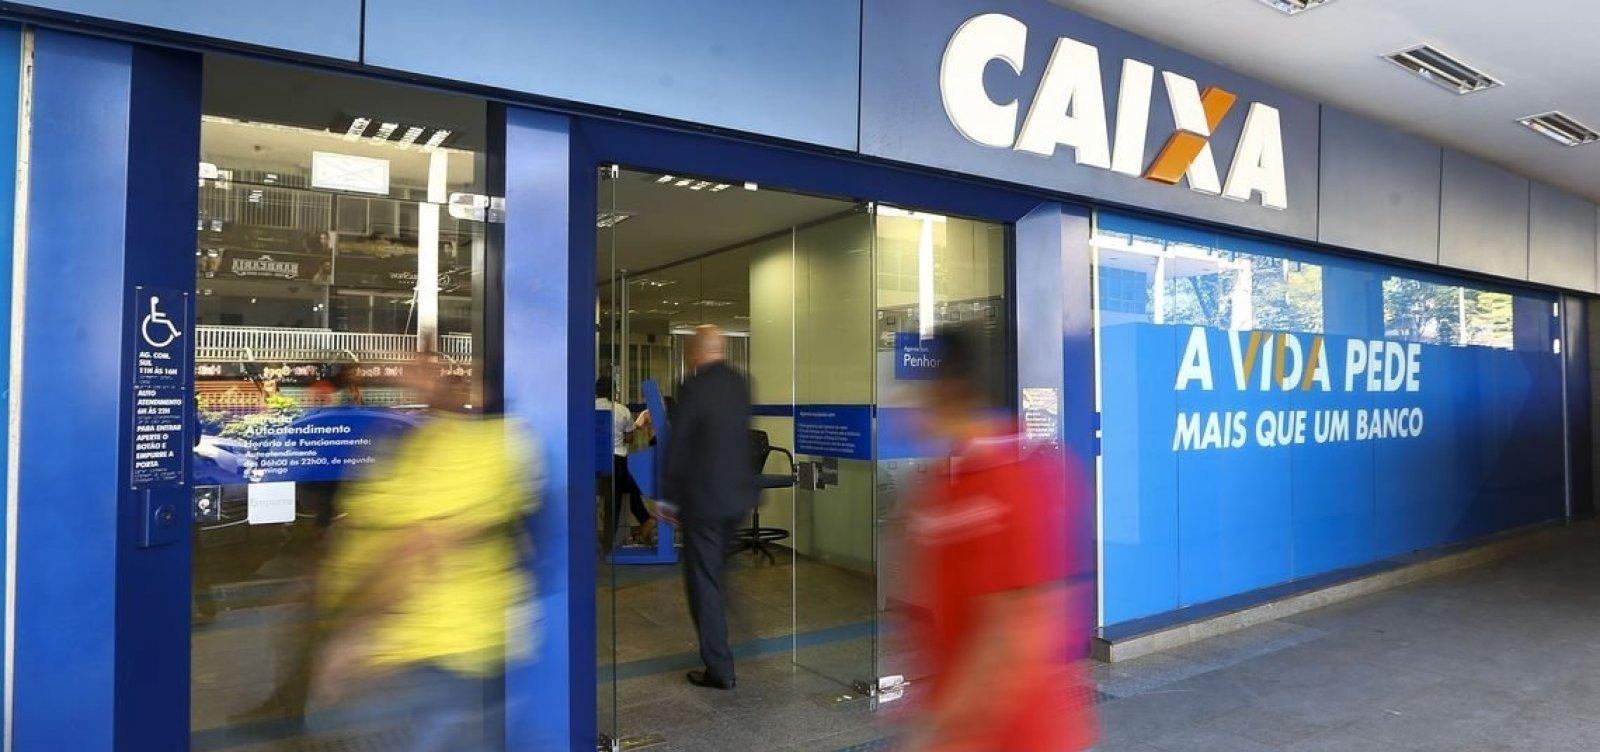 Caixa reduz juros para financiar imóveis